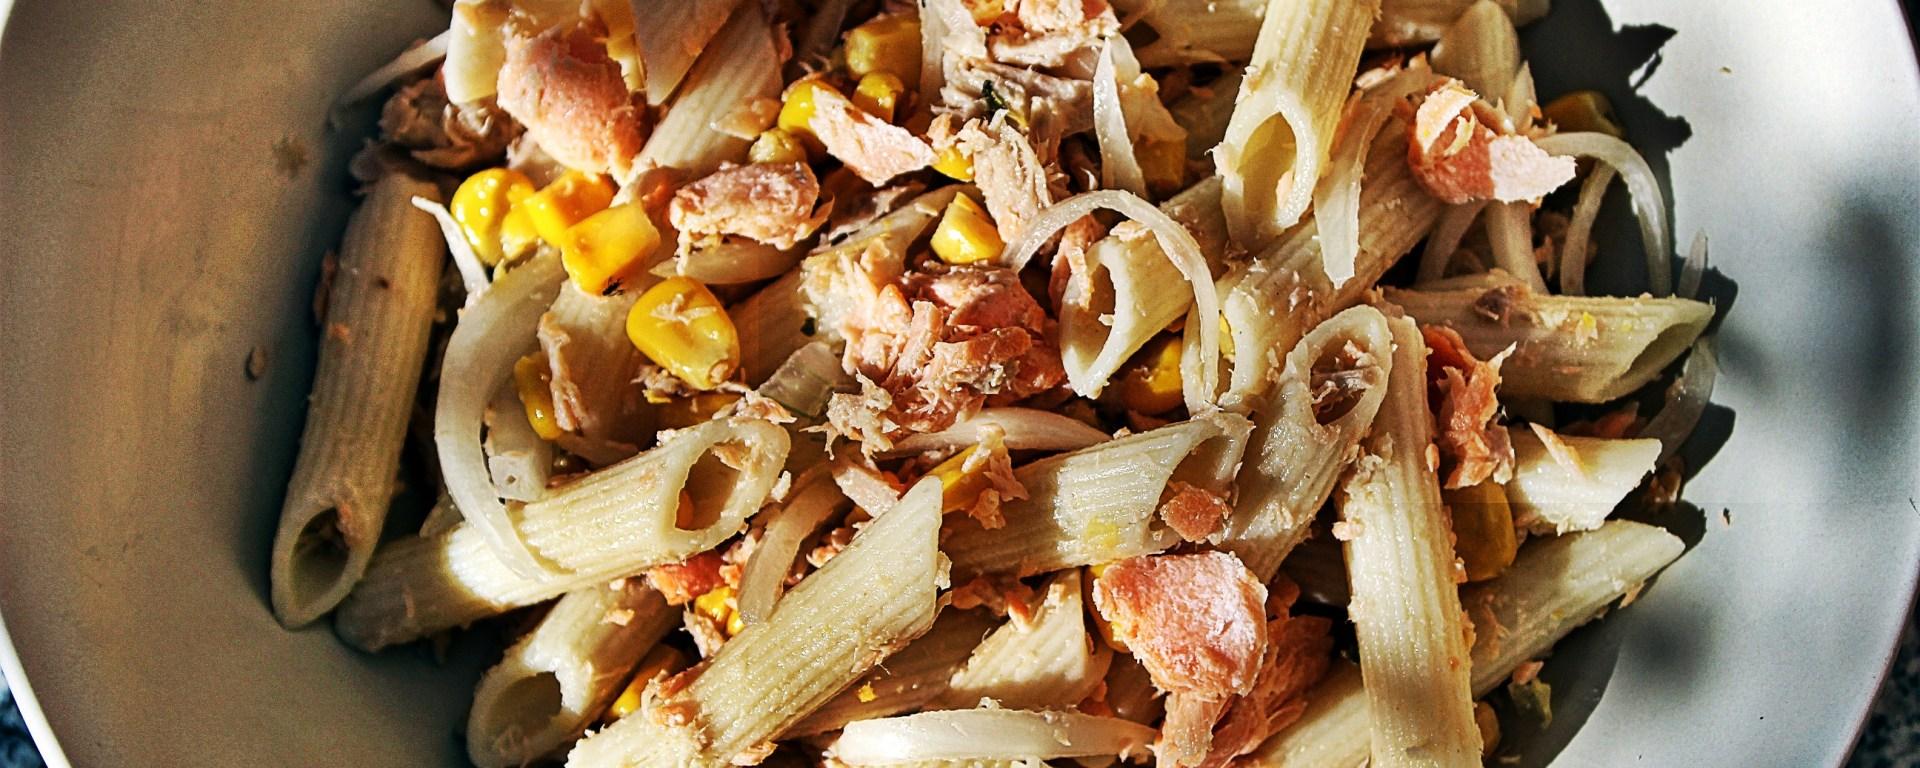 Délicimô ! - Recette Salade de Pâtes Penne à la Truite des Pyrénées - www.delicimo.fr